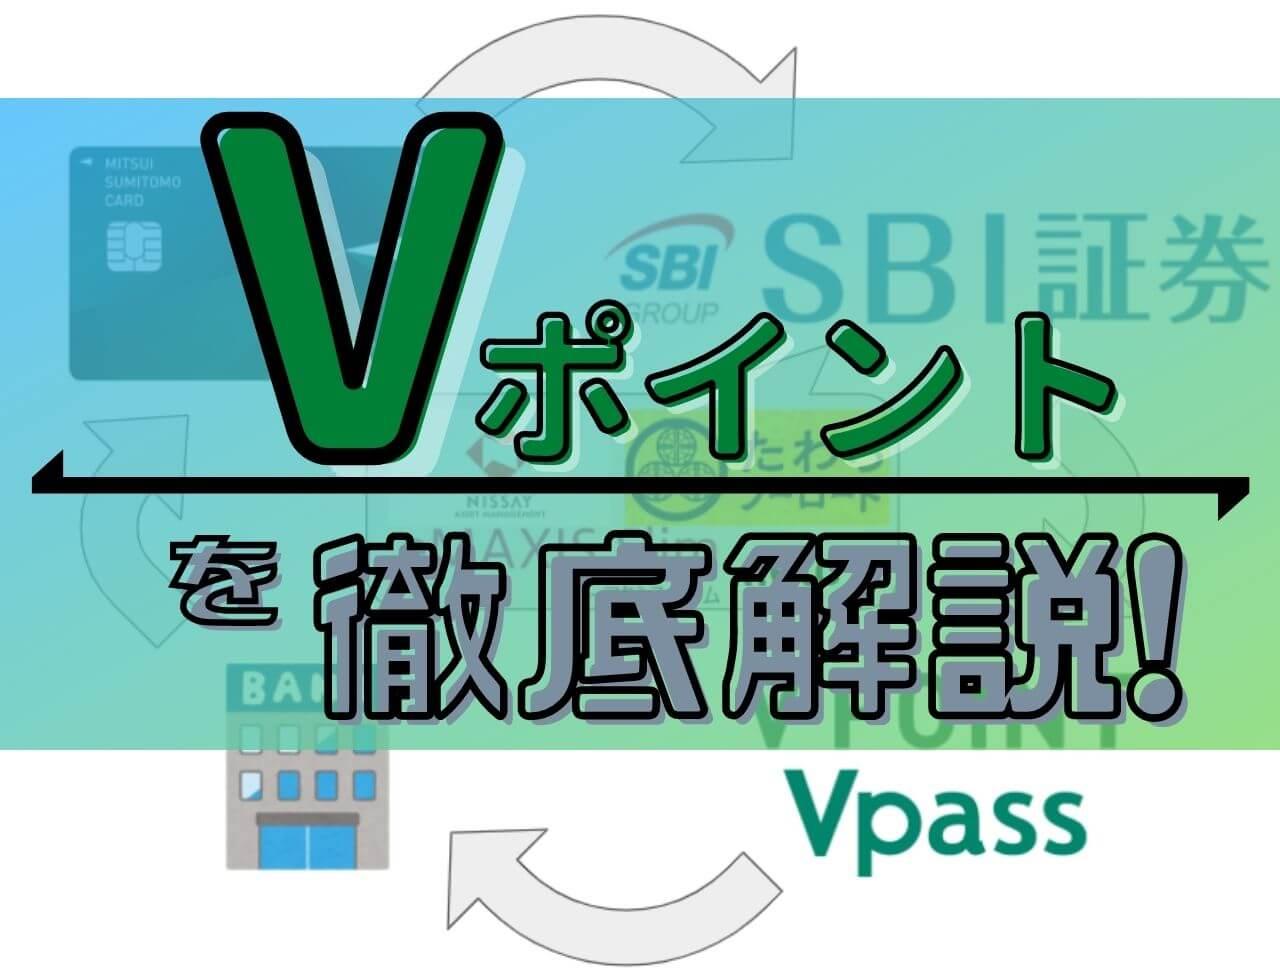 『Vポイント』を徹底解説!おススメの貯め方・使い方2選!